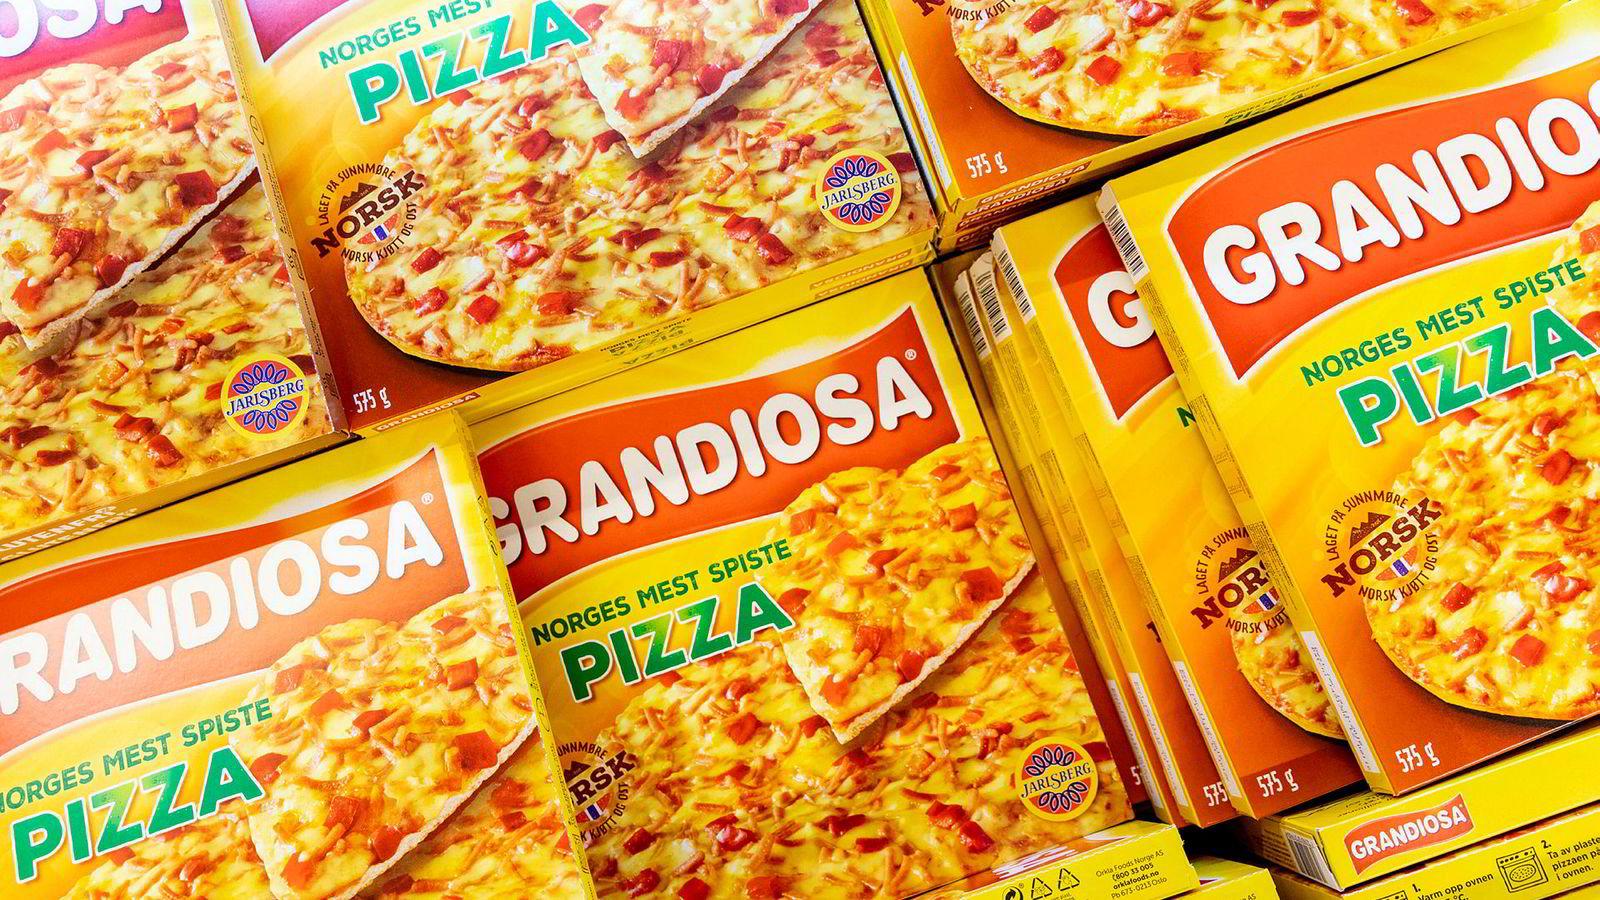 En spekepølseprodusent på Stranda var blitt en del av Nora-konsernet, som på slutten av 1970-tallet ble spurt om de ikke også kunne produsere pizza. Jo da, klart vi kan det, svarte lederen på Stranda. Da han kom hjem, måtte han imidlertid spørre kona om hva pizza var. Dette skal ha vært starten på Grandiosa-eventyret.